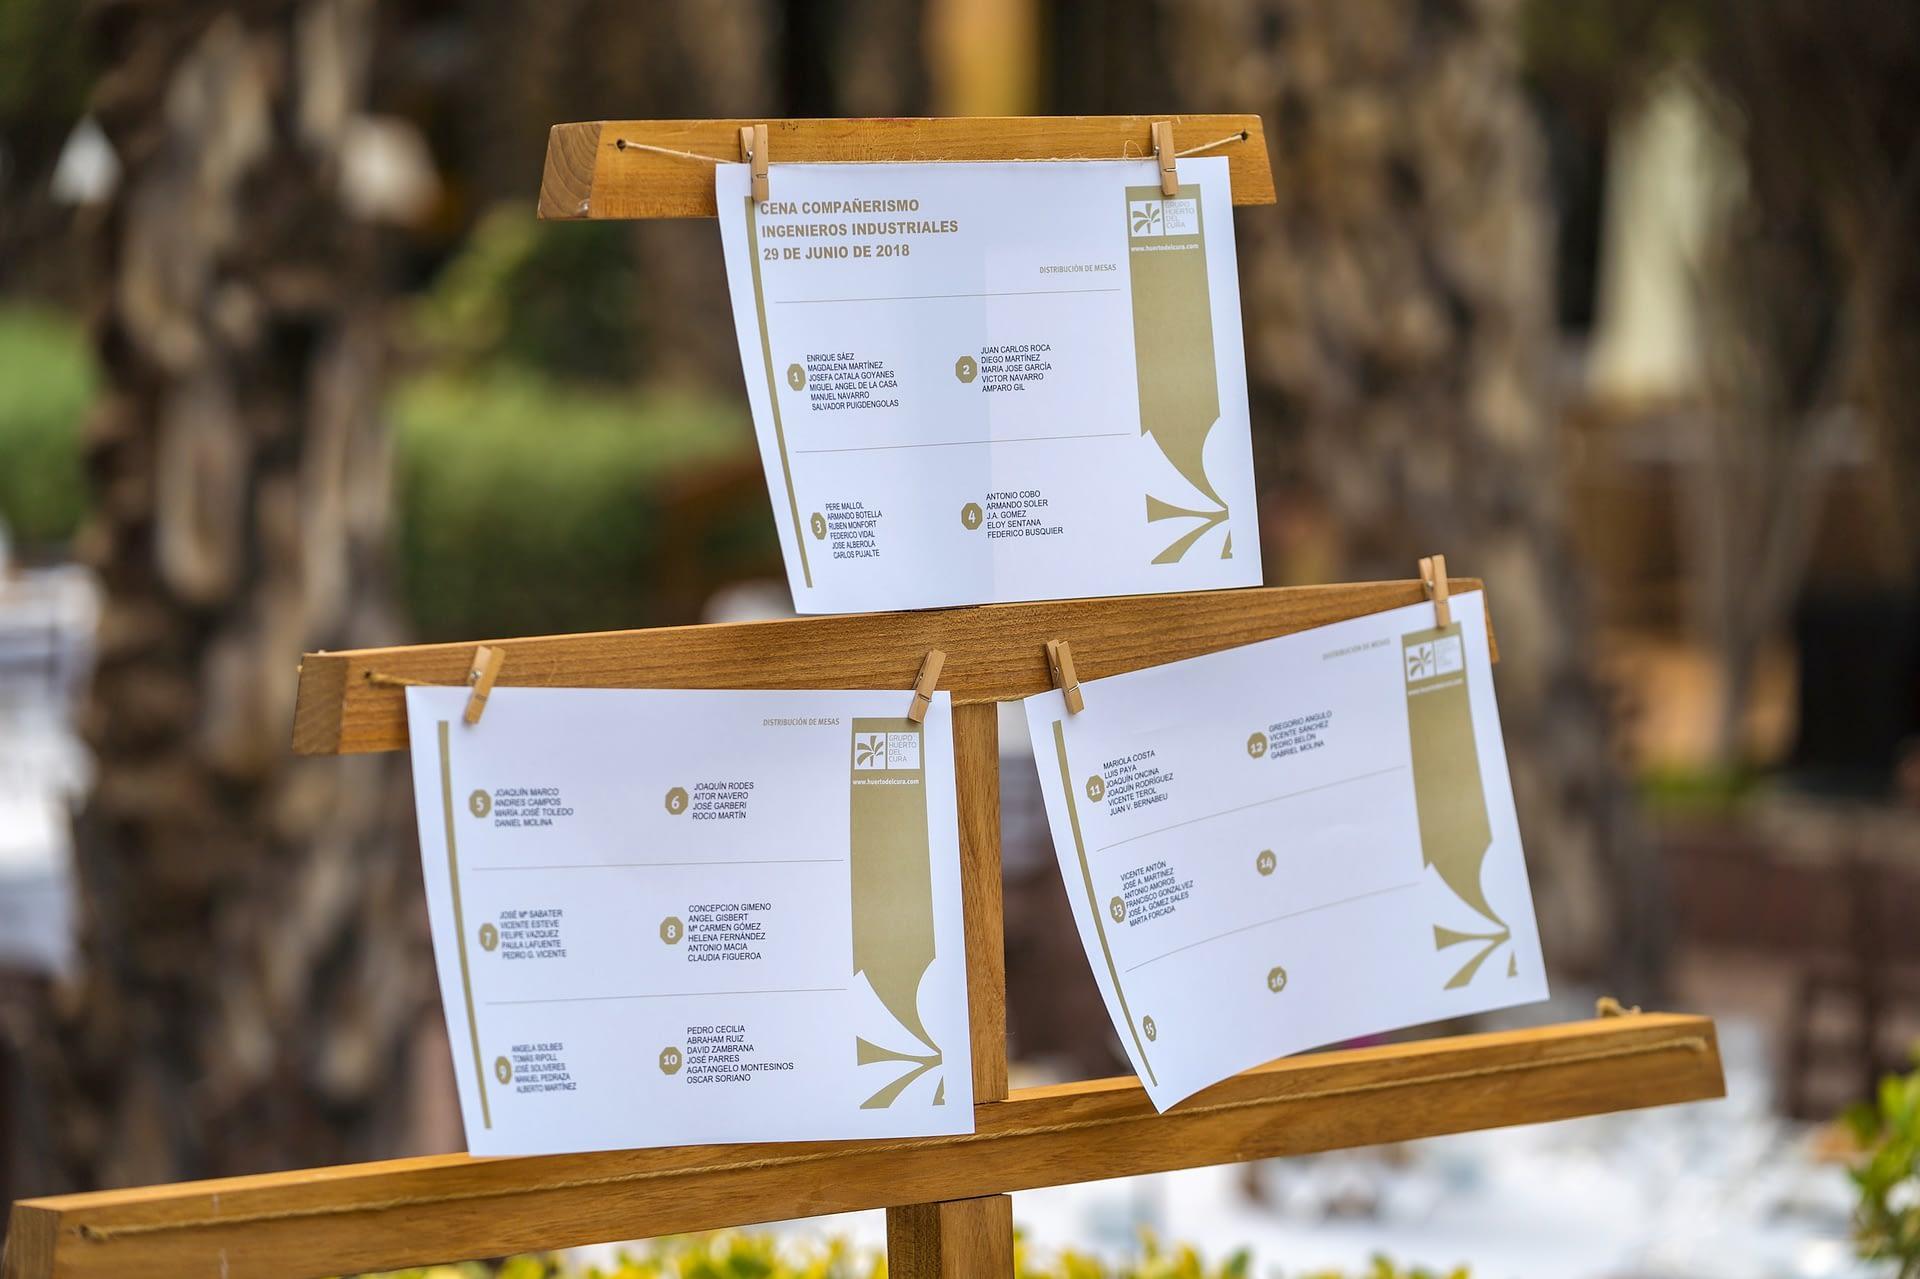 Pierluigi Cavarra - fotografo de bodas y eventos - wedding photographer costa blanca - ejemplo -13